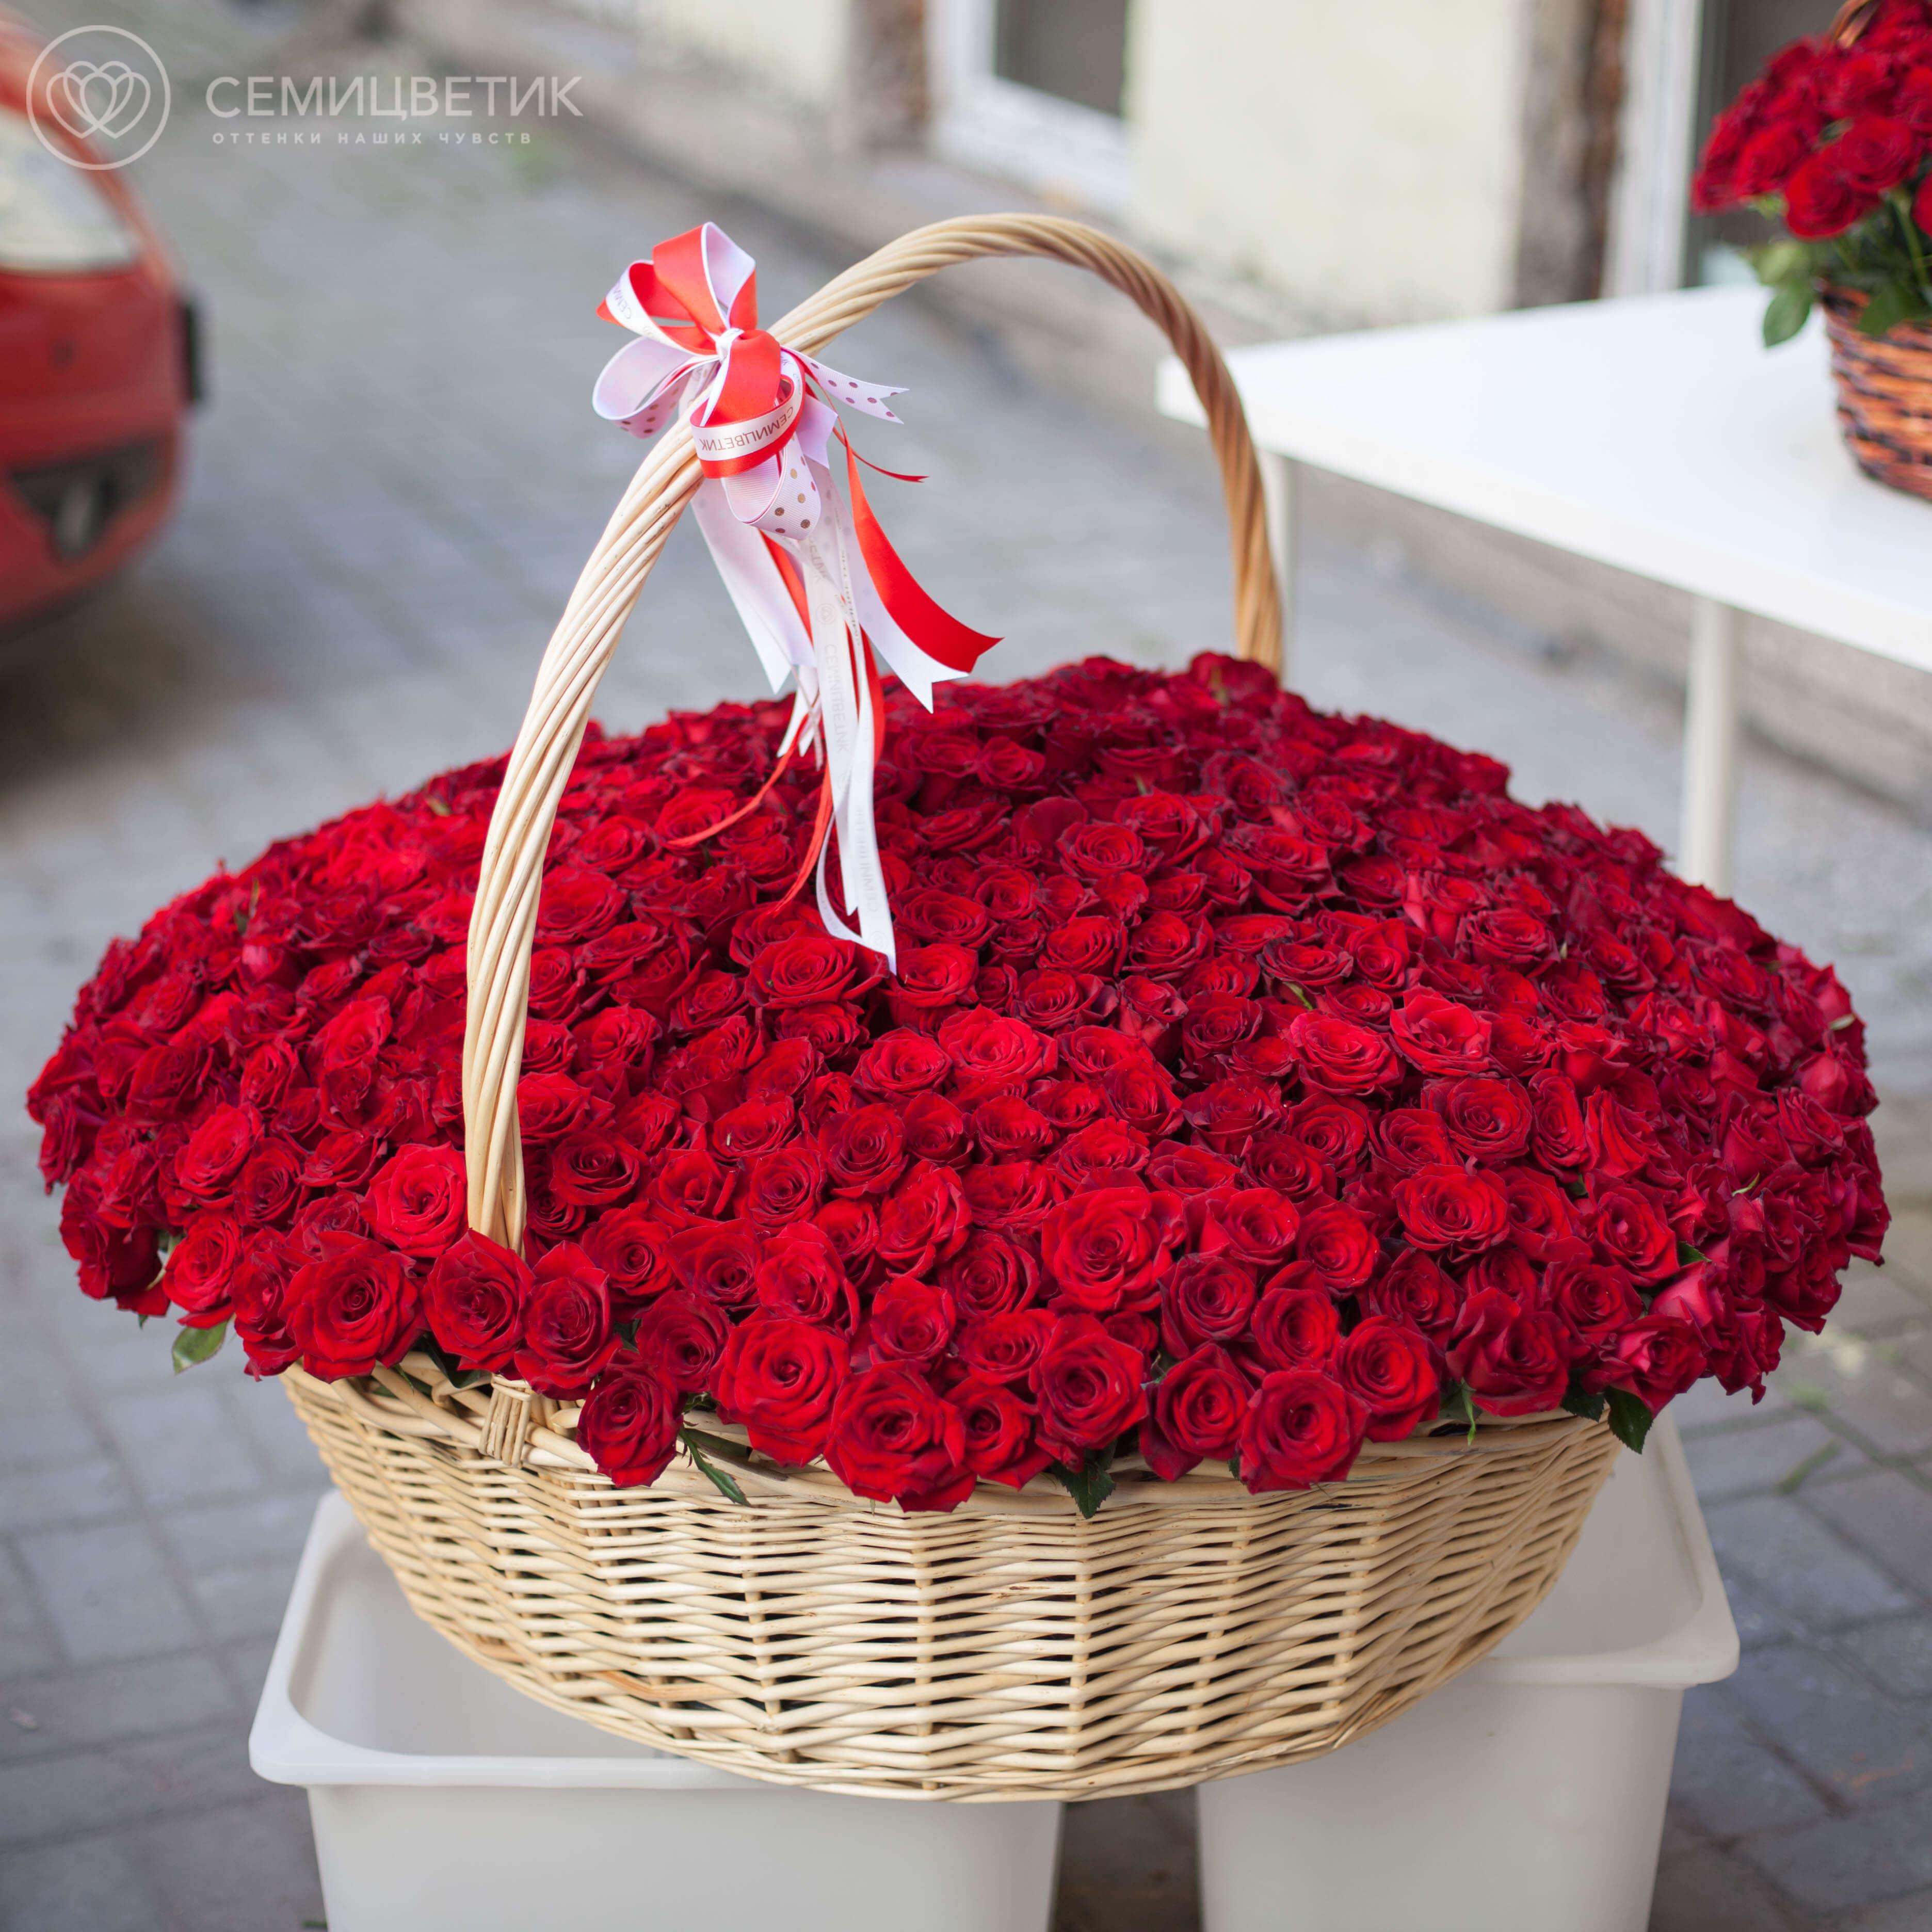 Композиция из 501 красной российской розы (Магия) 40 см в корзине фото